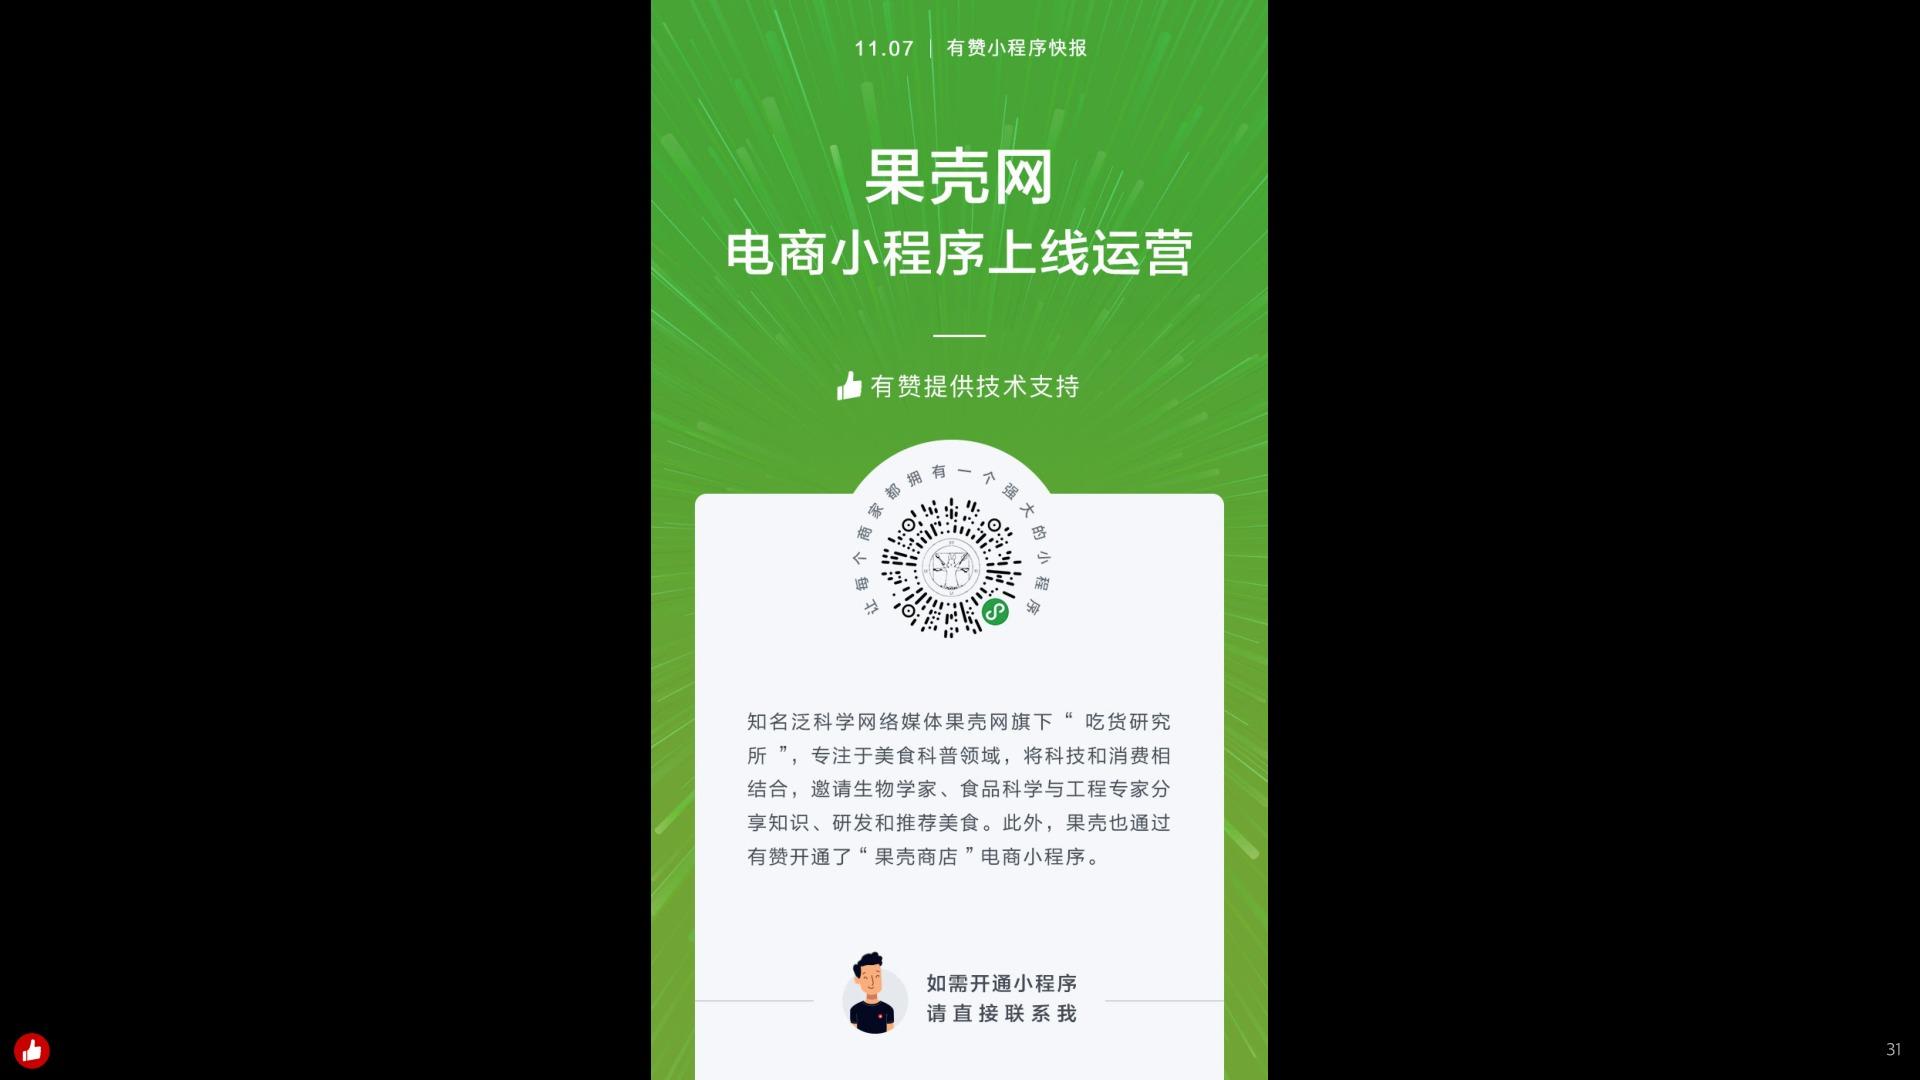 https://opentalk-blog.b0.upaiyun.com/prod/2018-11-26/737945d1ffa77469bd26a29f50a8c8a5